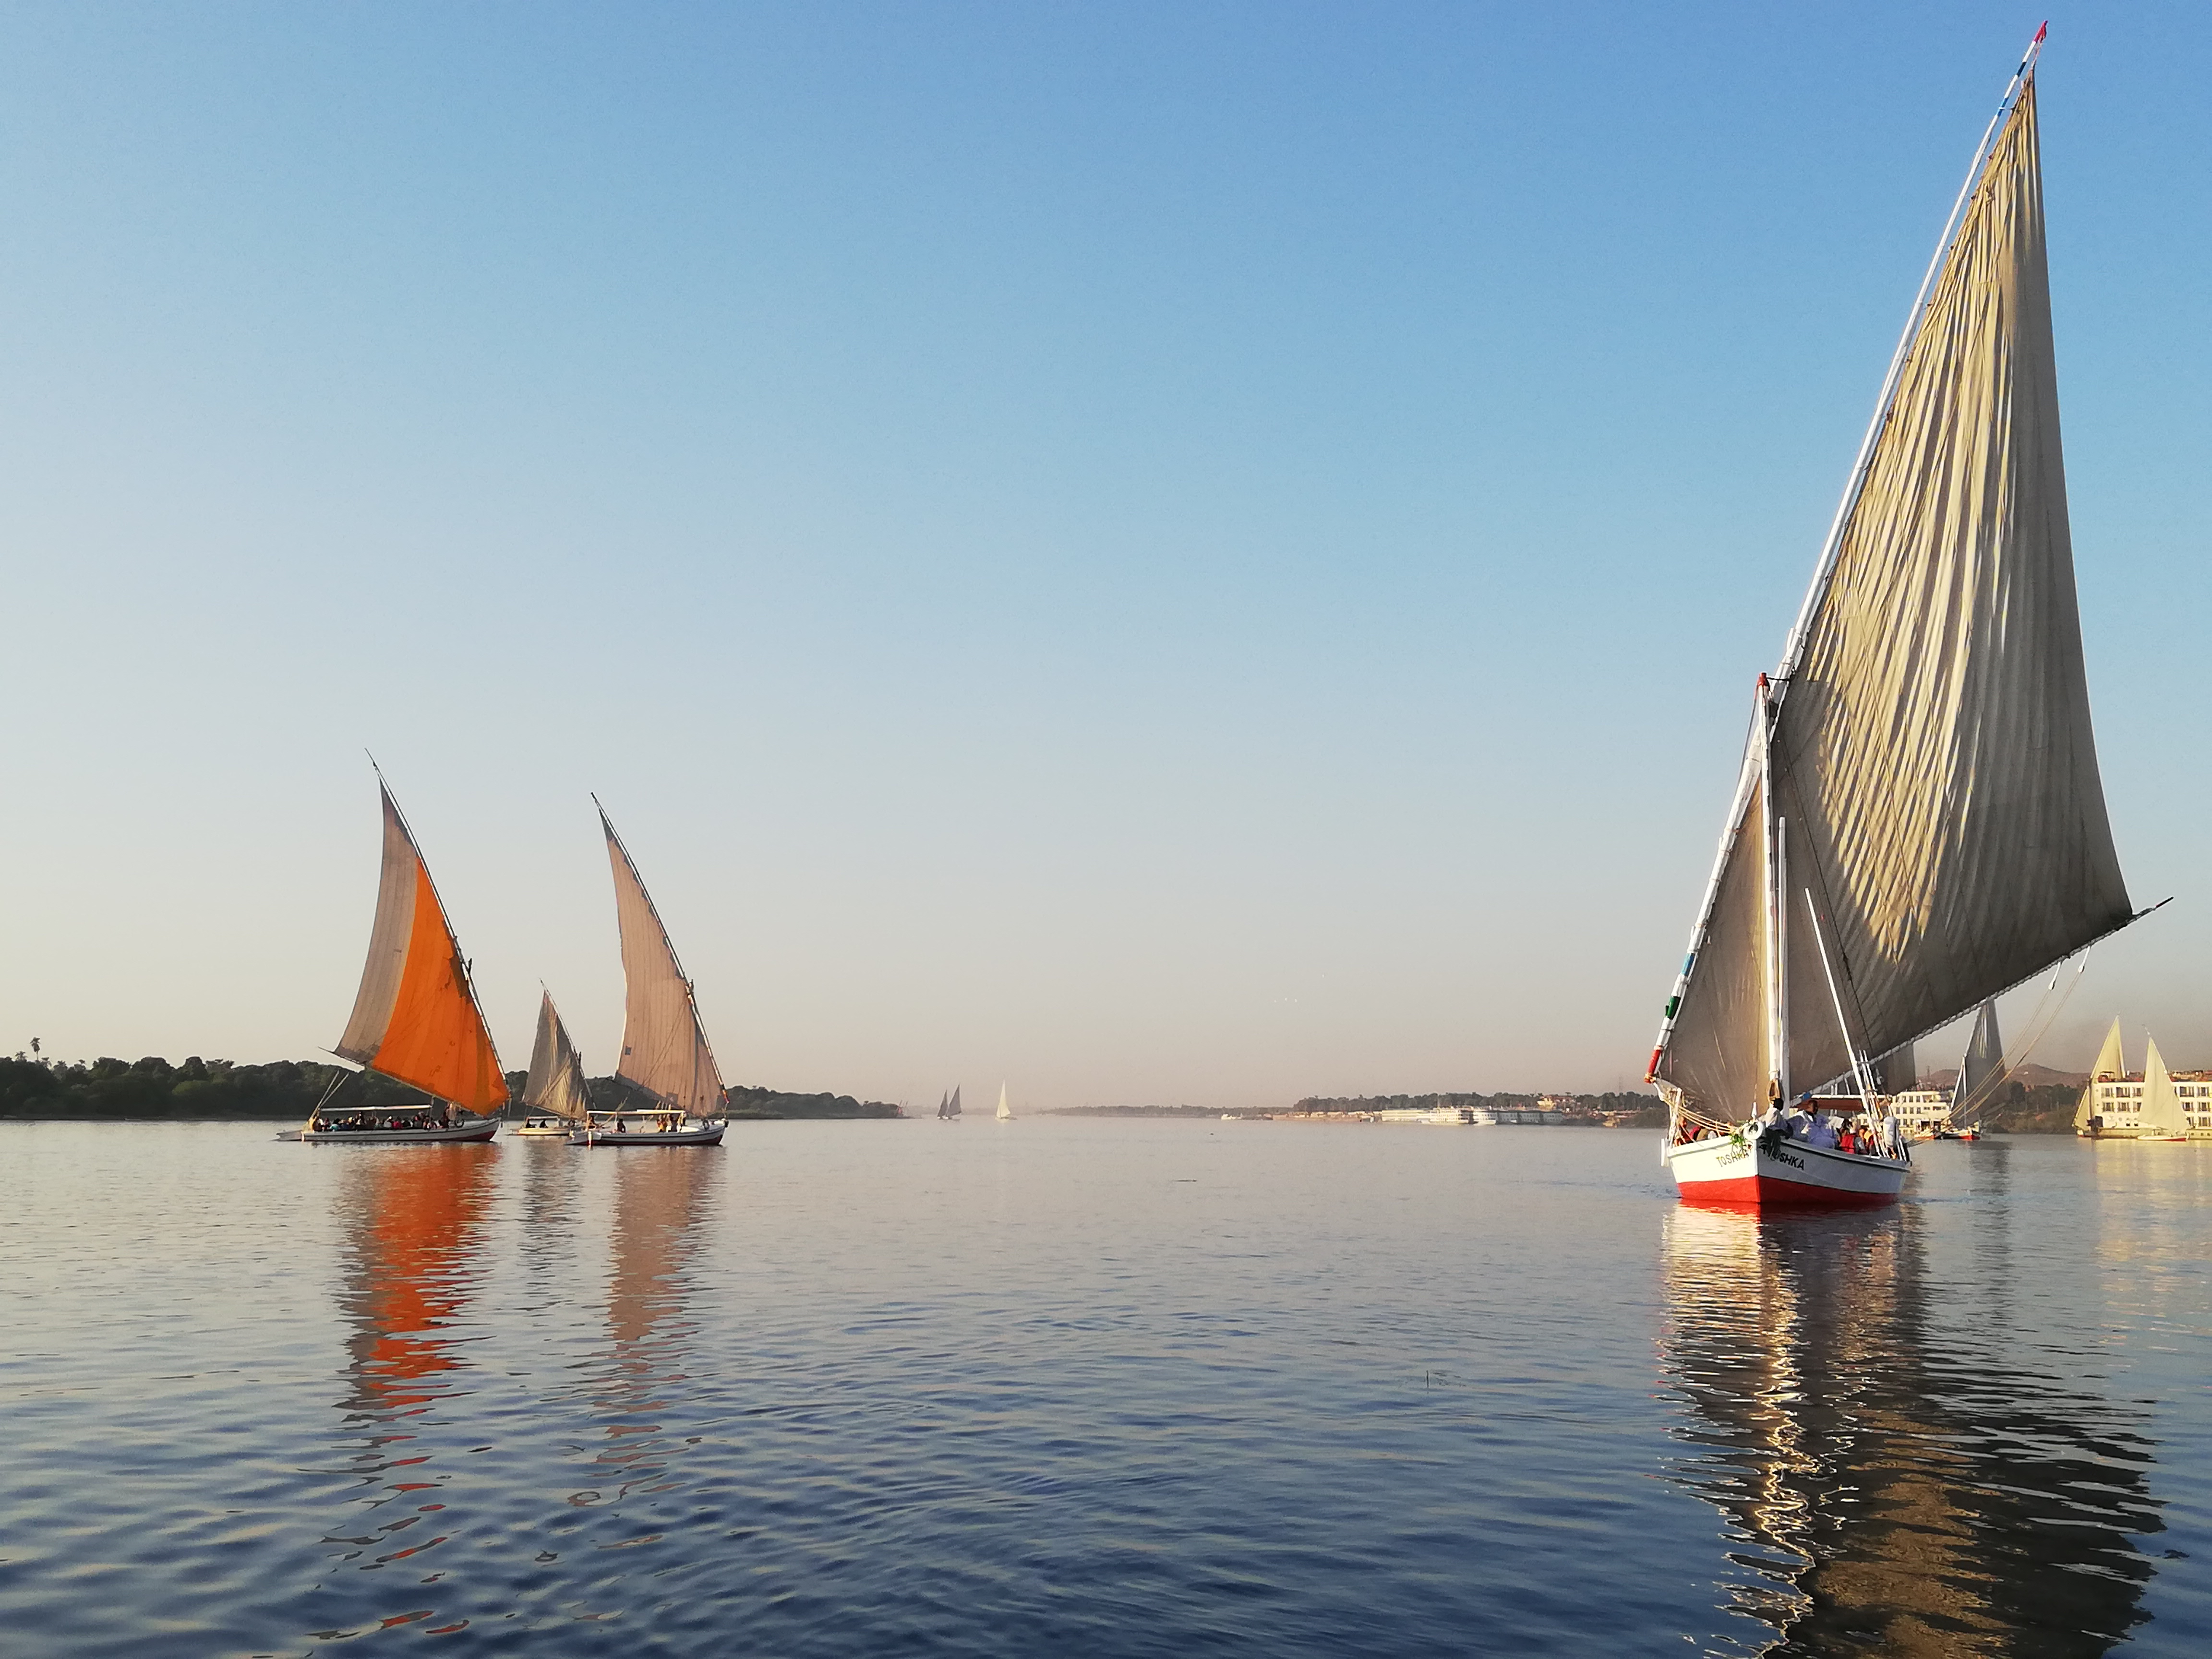 Il Nilo in feluca